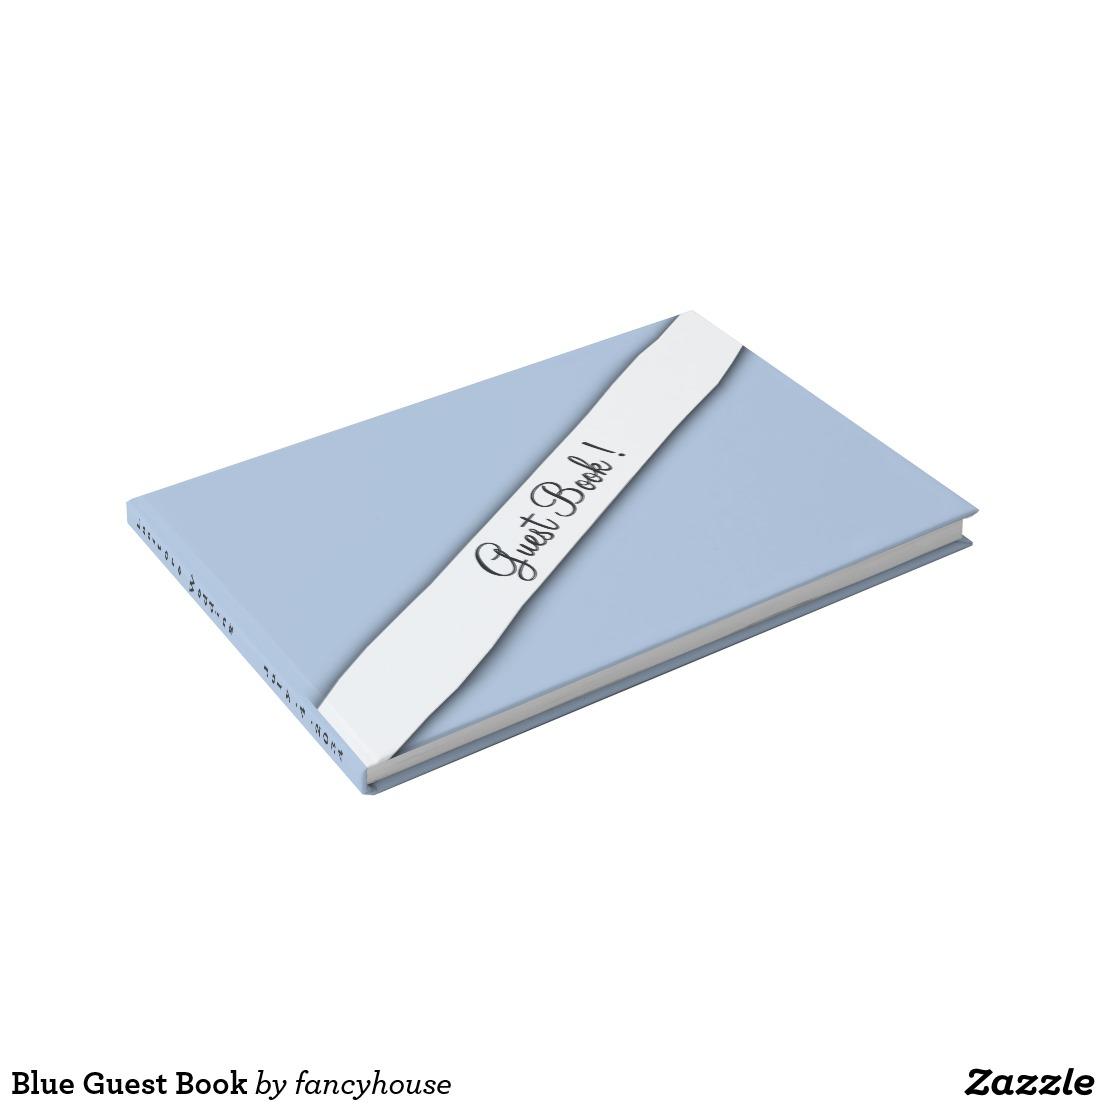 Blue Guest Book